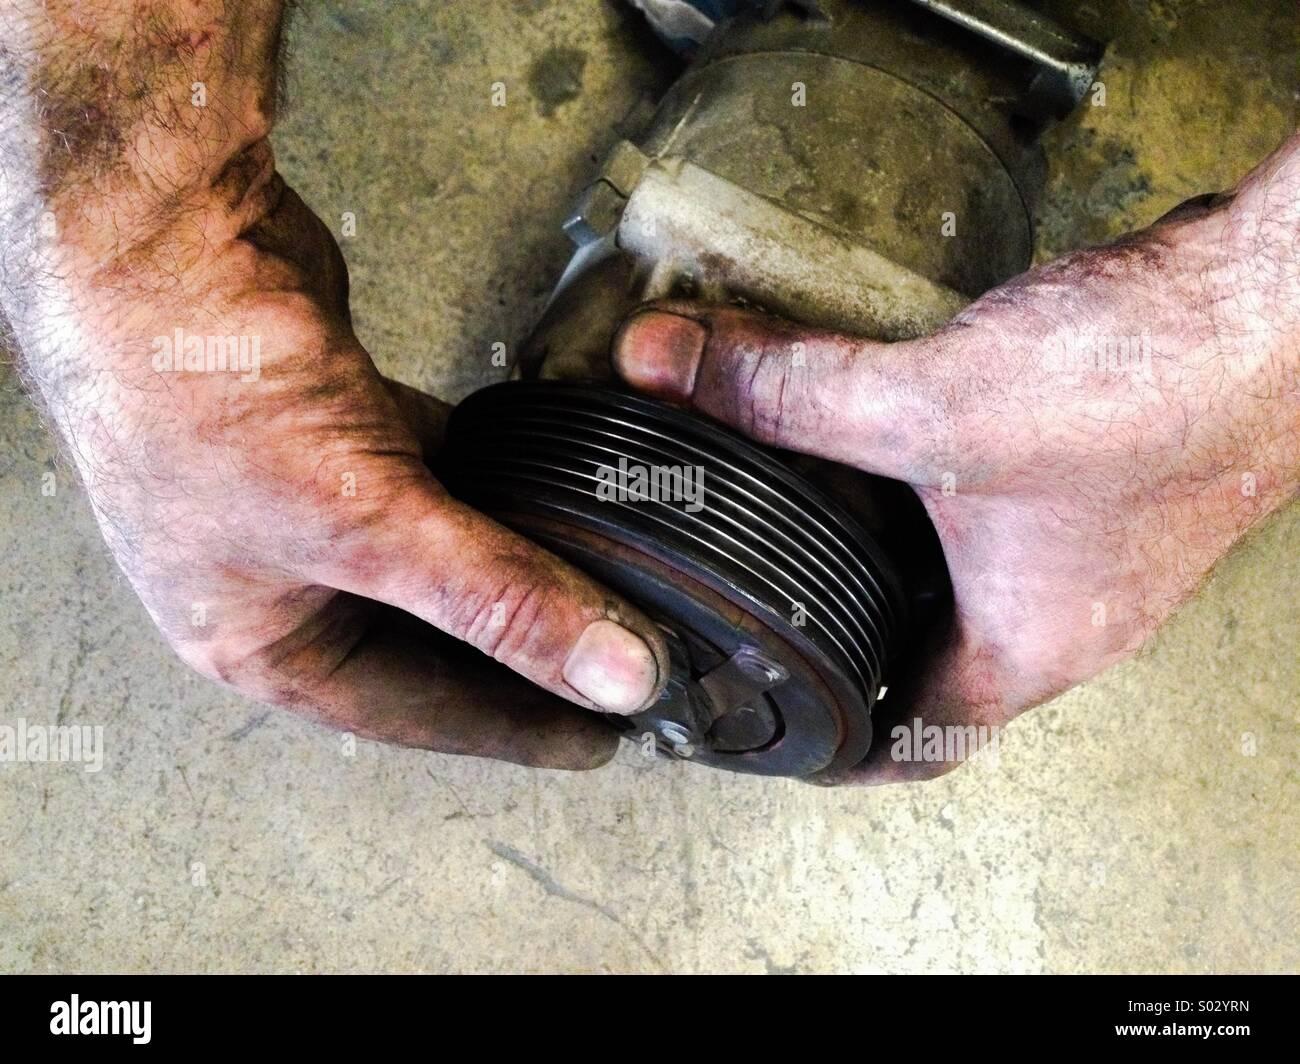 La manipulation mécanique de climatisation automobile une partie. Photo Stock